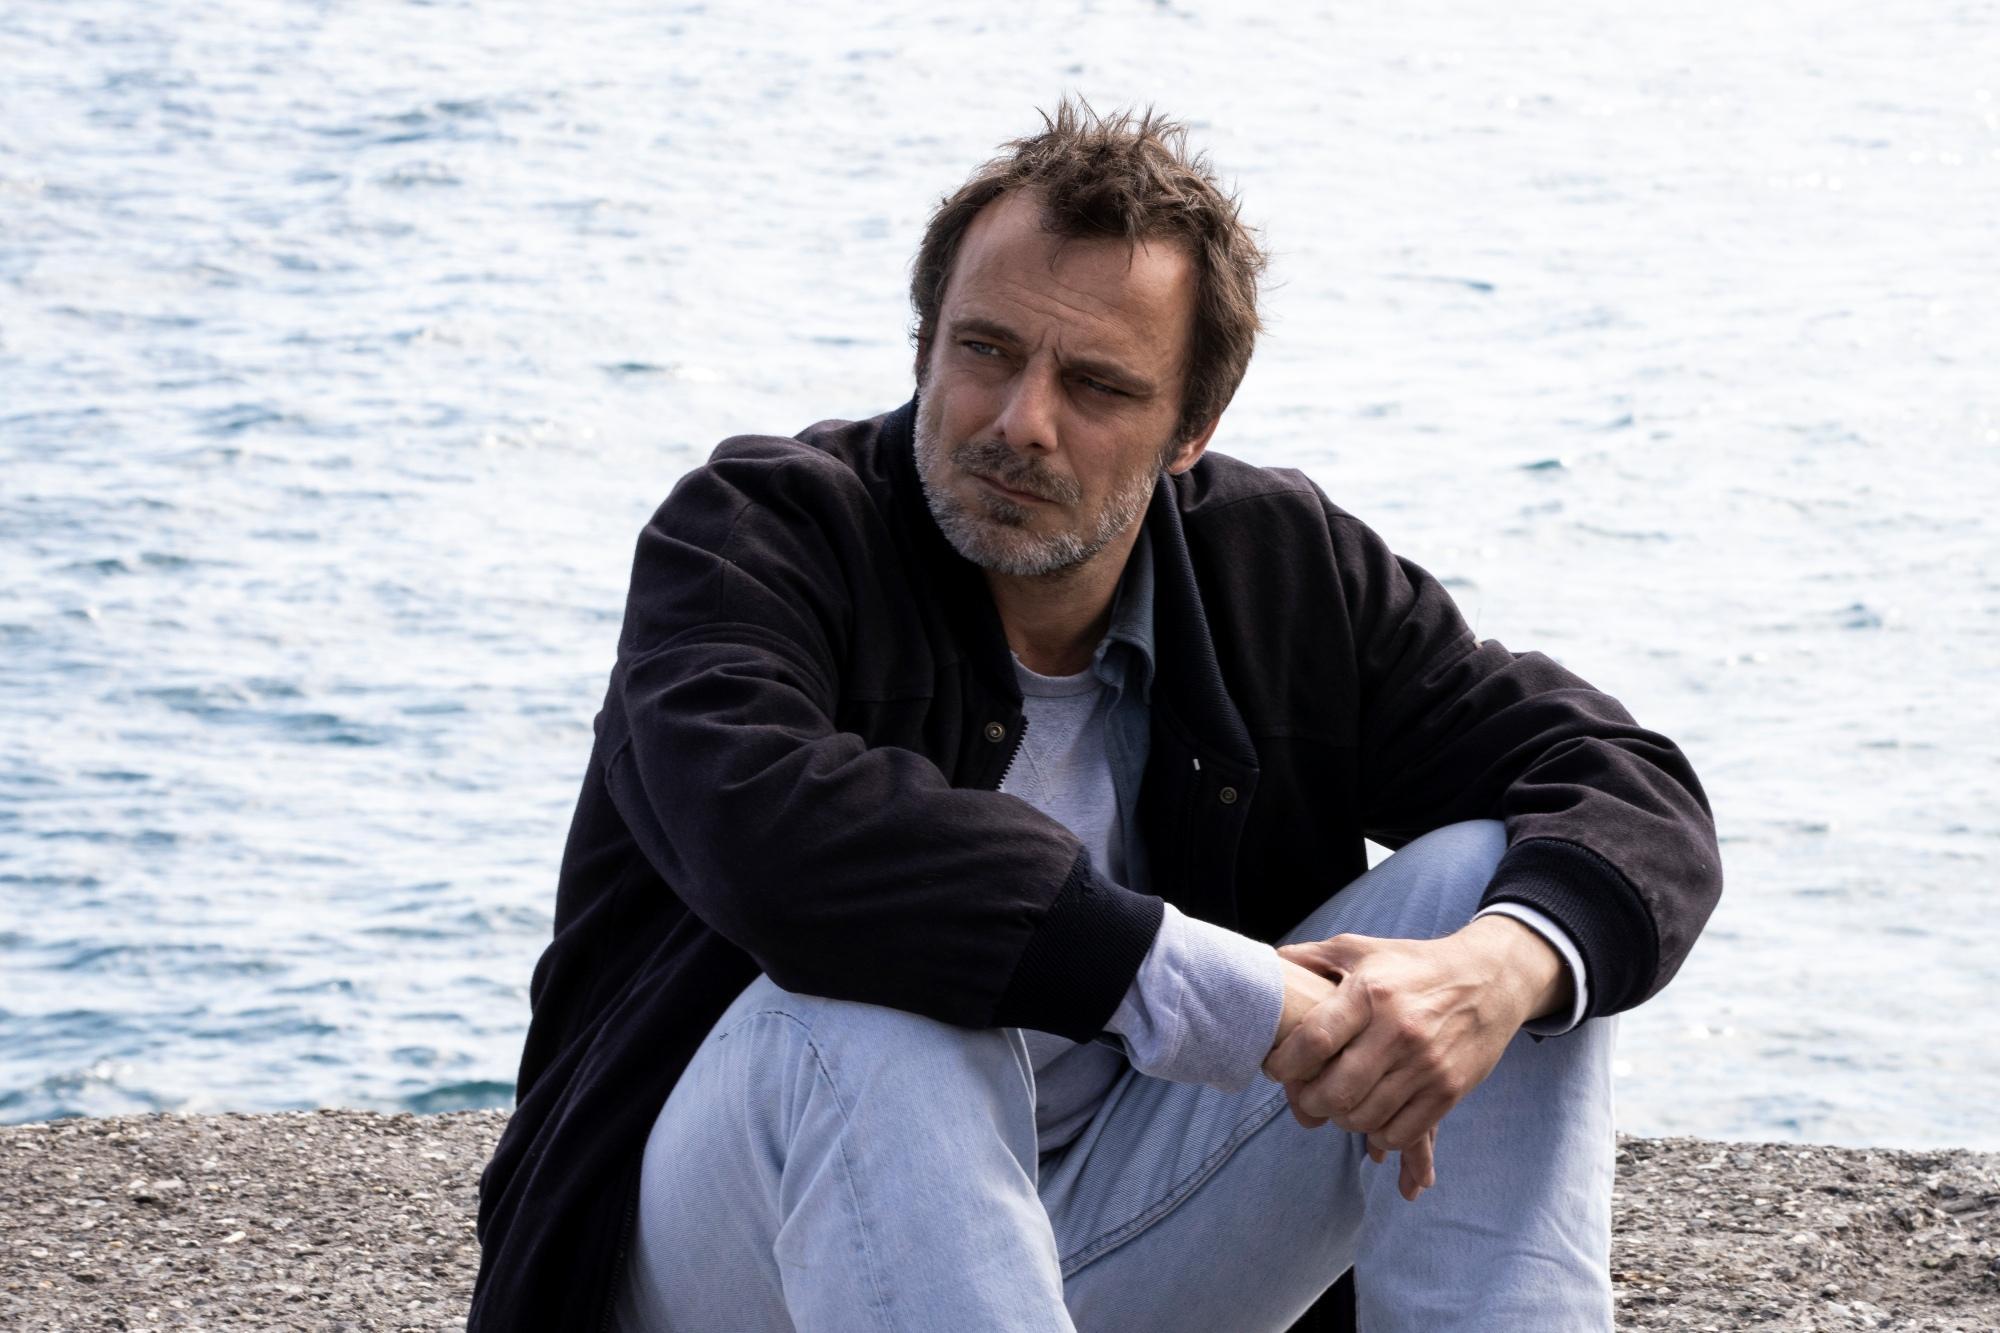 Canale 5, torna la grande fiction con sei novità assolute